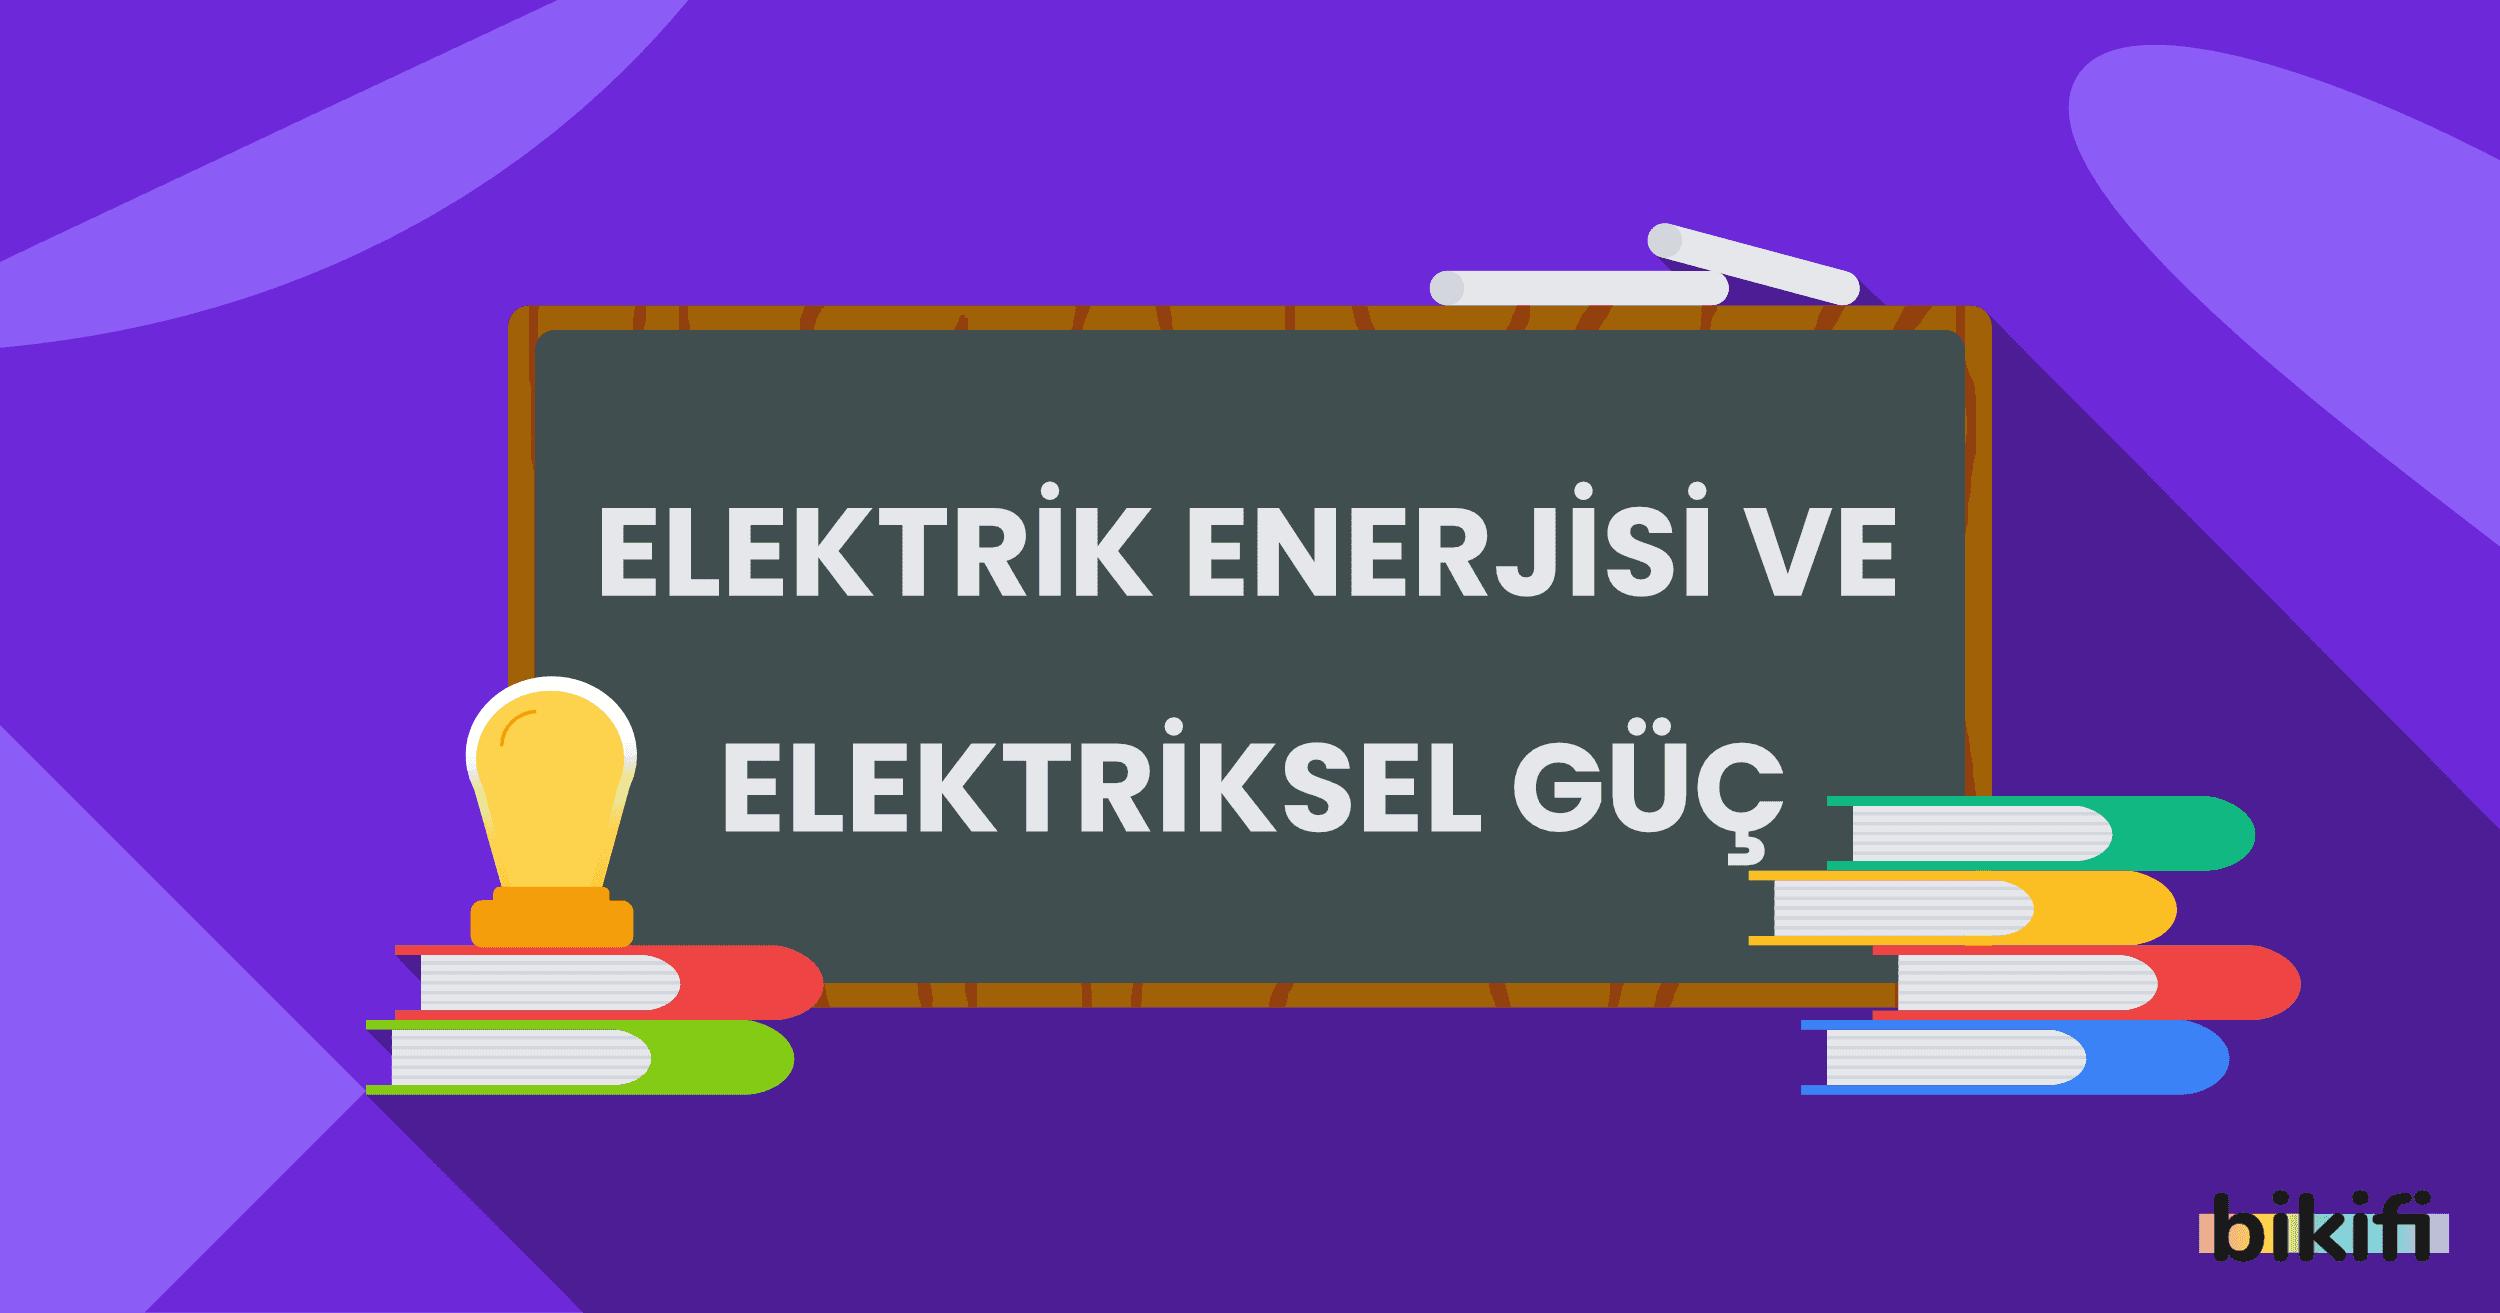 Elektrik Enerjisi ve Elektriksel Güç